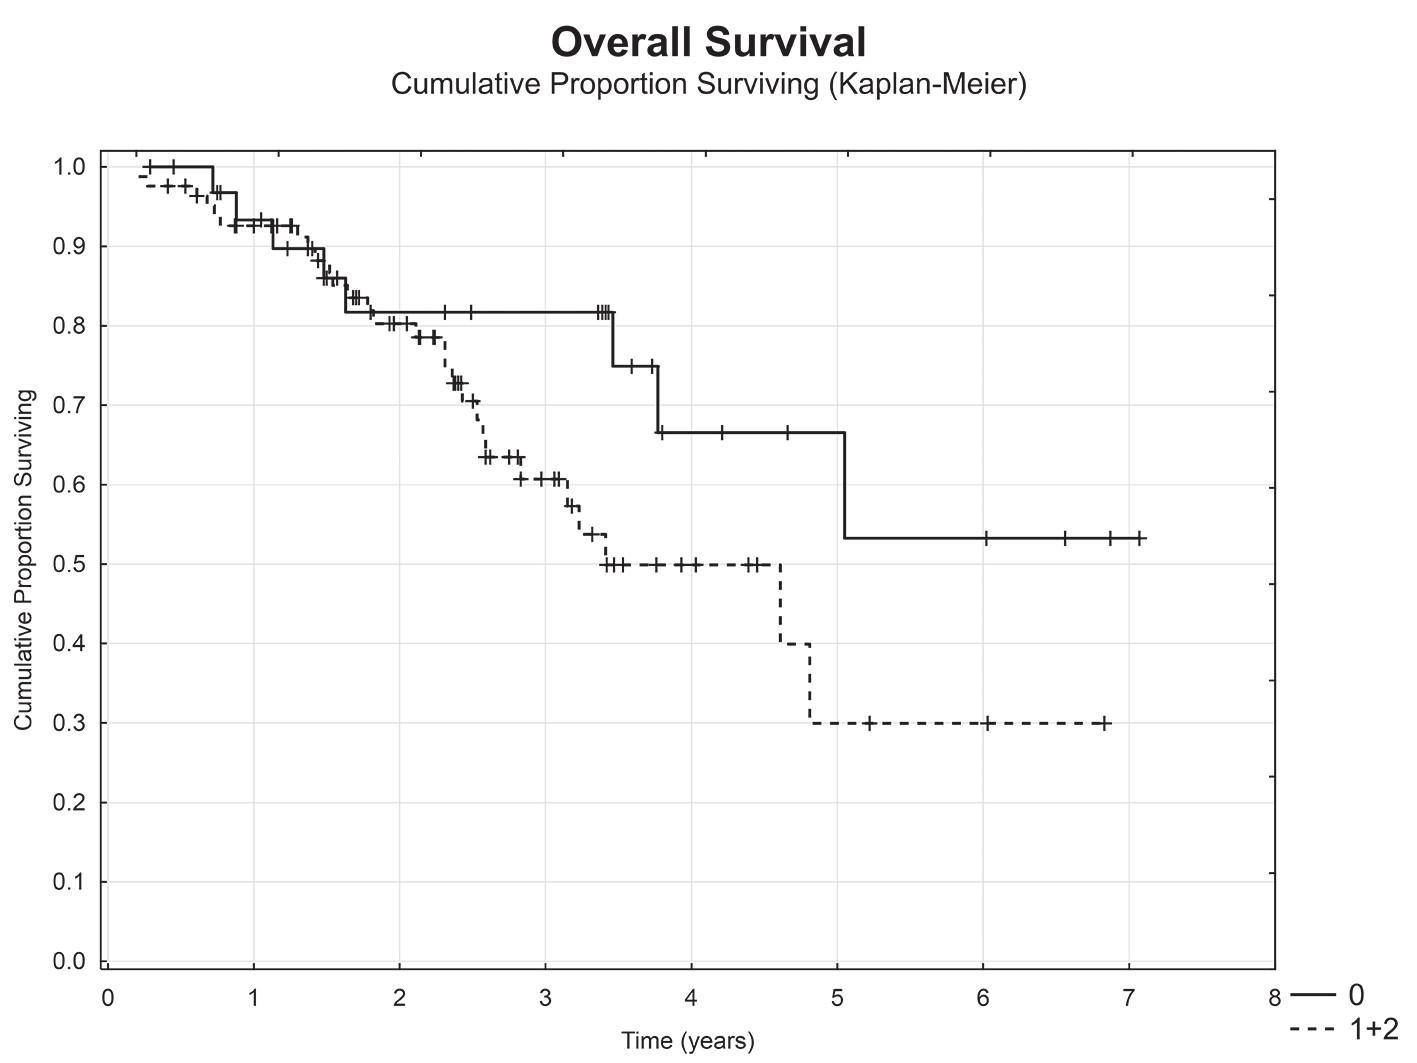 Celkové přežití nemocných dle metastatického postižení uzlin (negativní uzlinové metastázy (N0) vs. pozitivní uzlinové metastázy (N1+N2)) Graph 6: Overal survival with respect to lymph node metastases (negative lymph node metastases (N0) vs positive negative lymph node metastases (N1+N2))